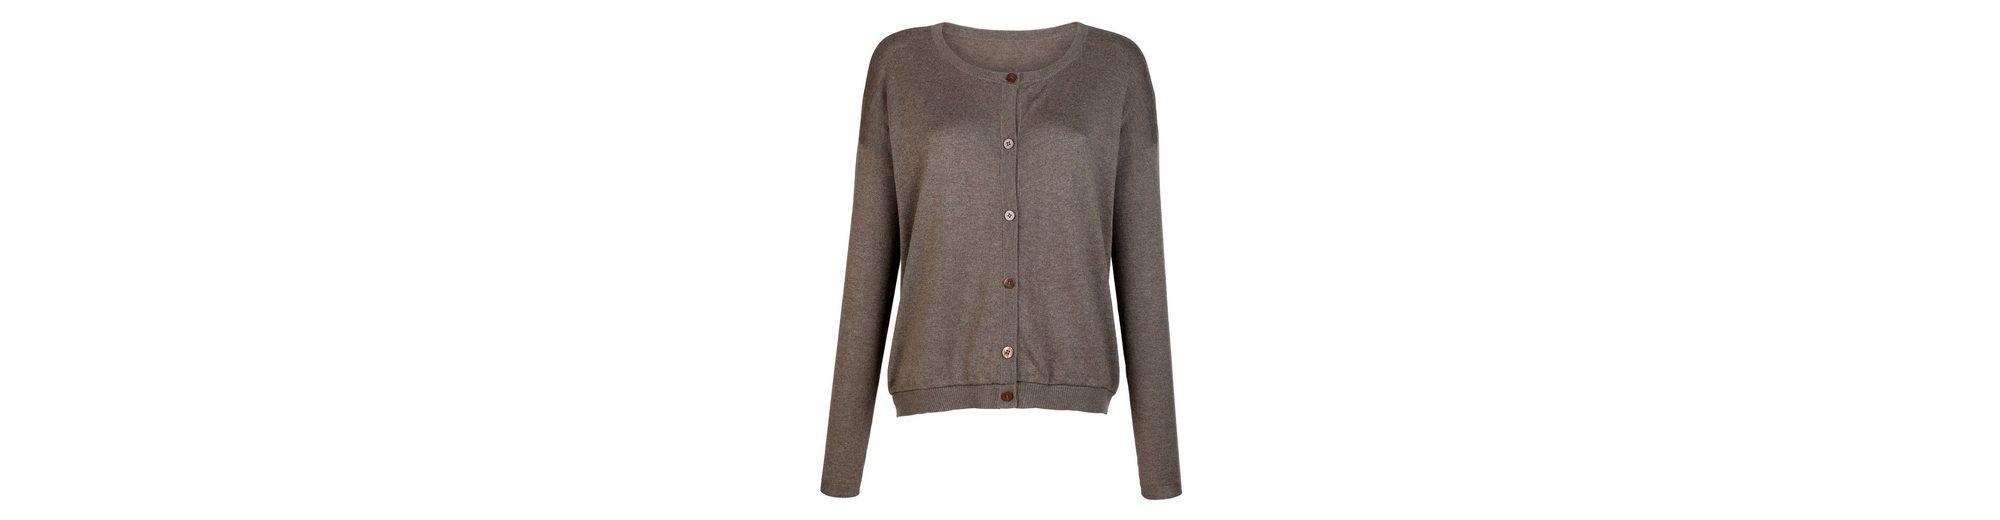 Komfortabel Günstiger Preis Viele Arten Von Online Alba Moda Strickjacke in hochwertiger Baumwoll-Seiden-Kaschmirmischung Bilder dwKspsvQSD